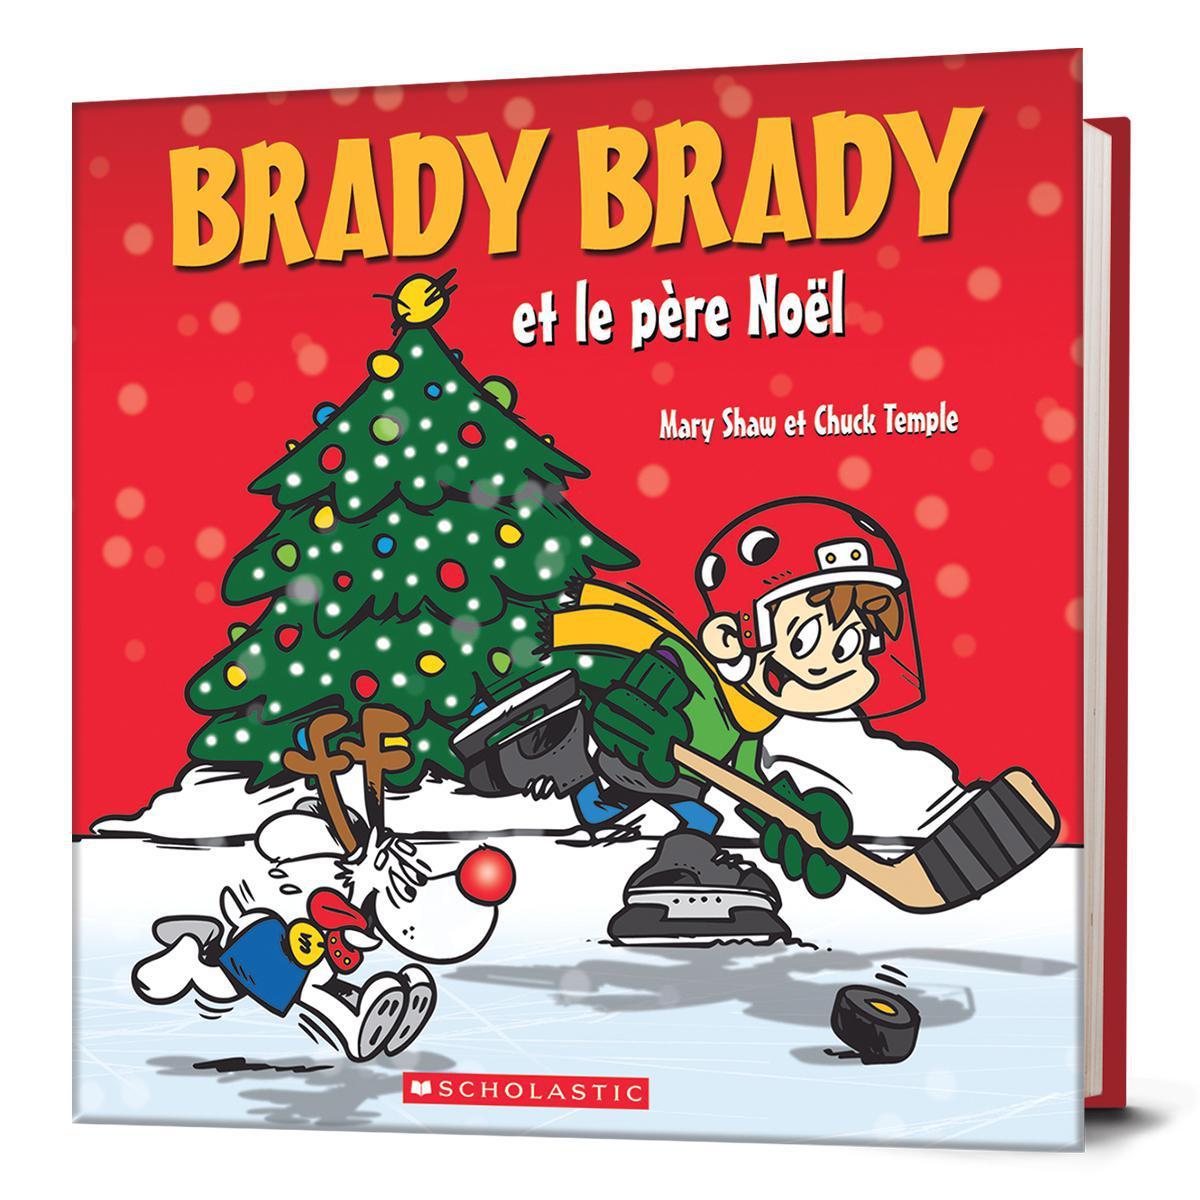 Brady Brady et le père Noël